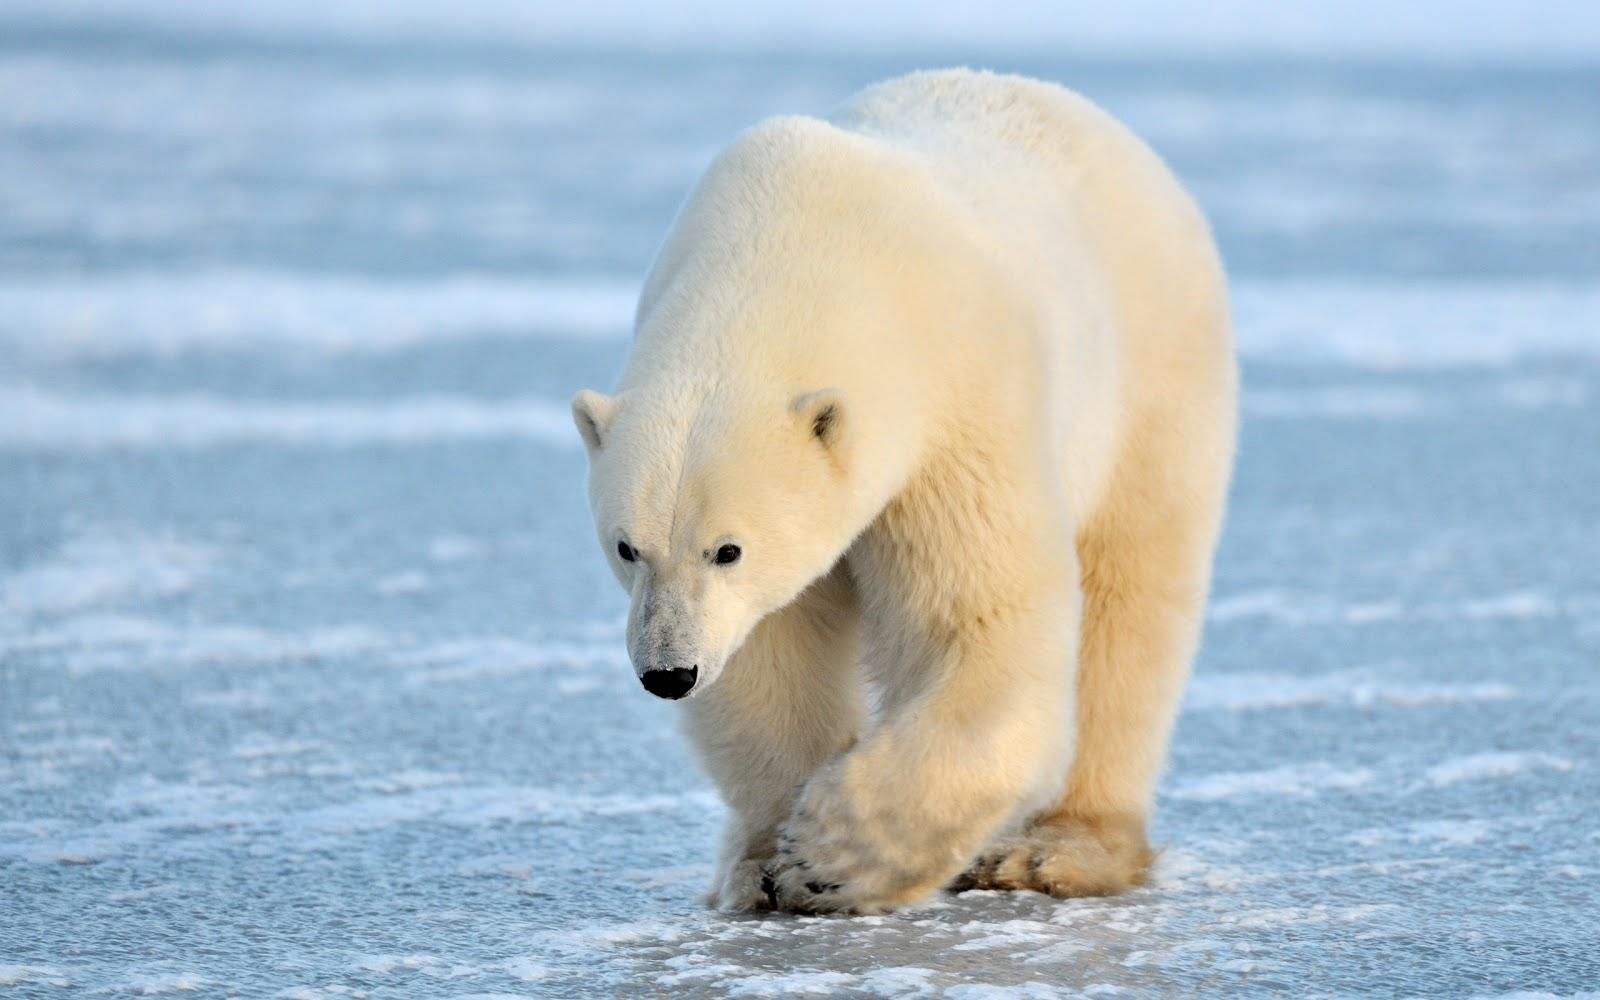 gambar beruang kutub - gambar beruang